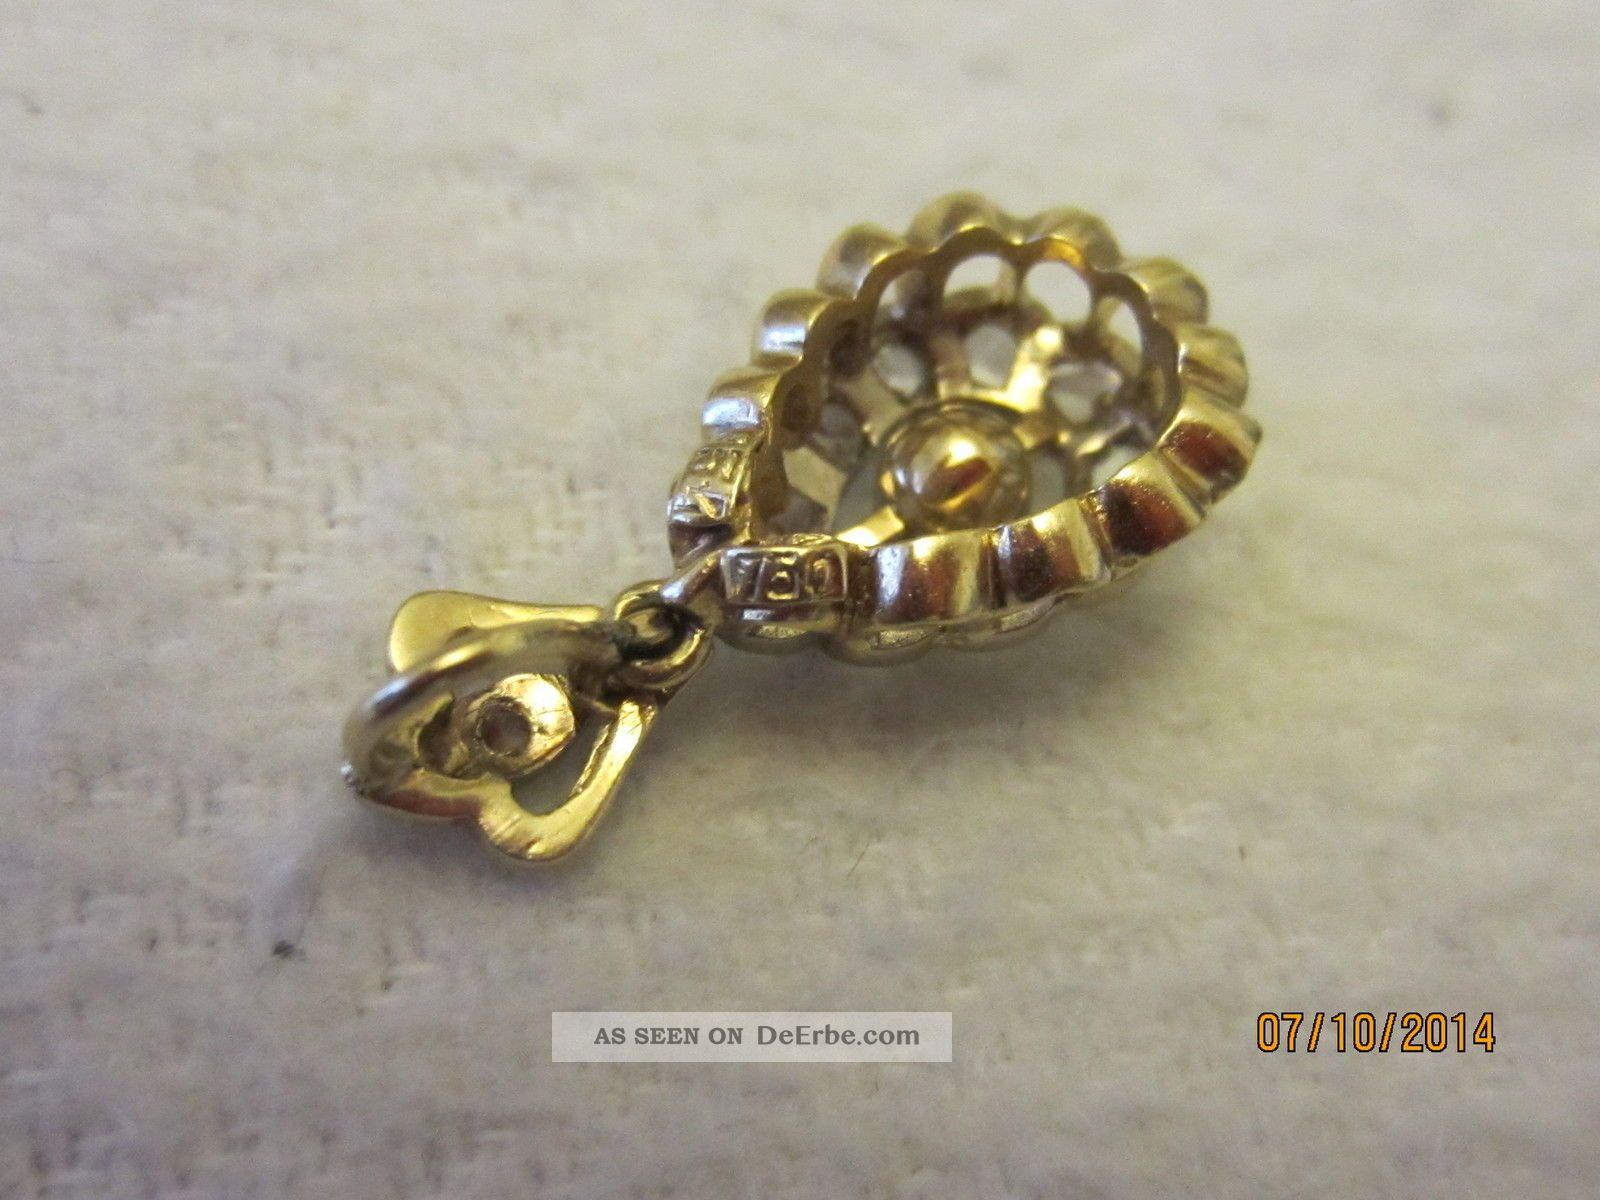 Antik Gold AnhÄnger Mit 12 Diamanten / 750 Gold Schmuck nach Epochen ...